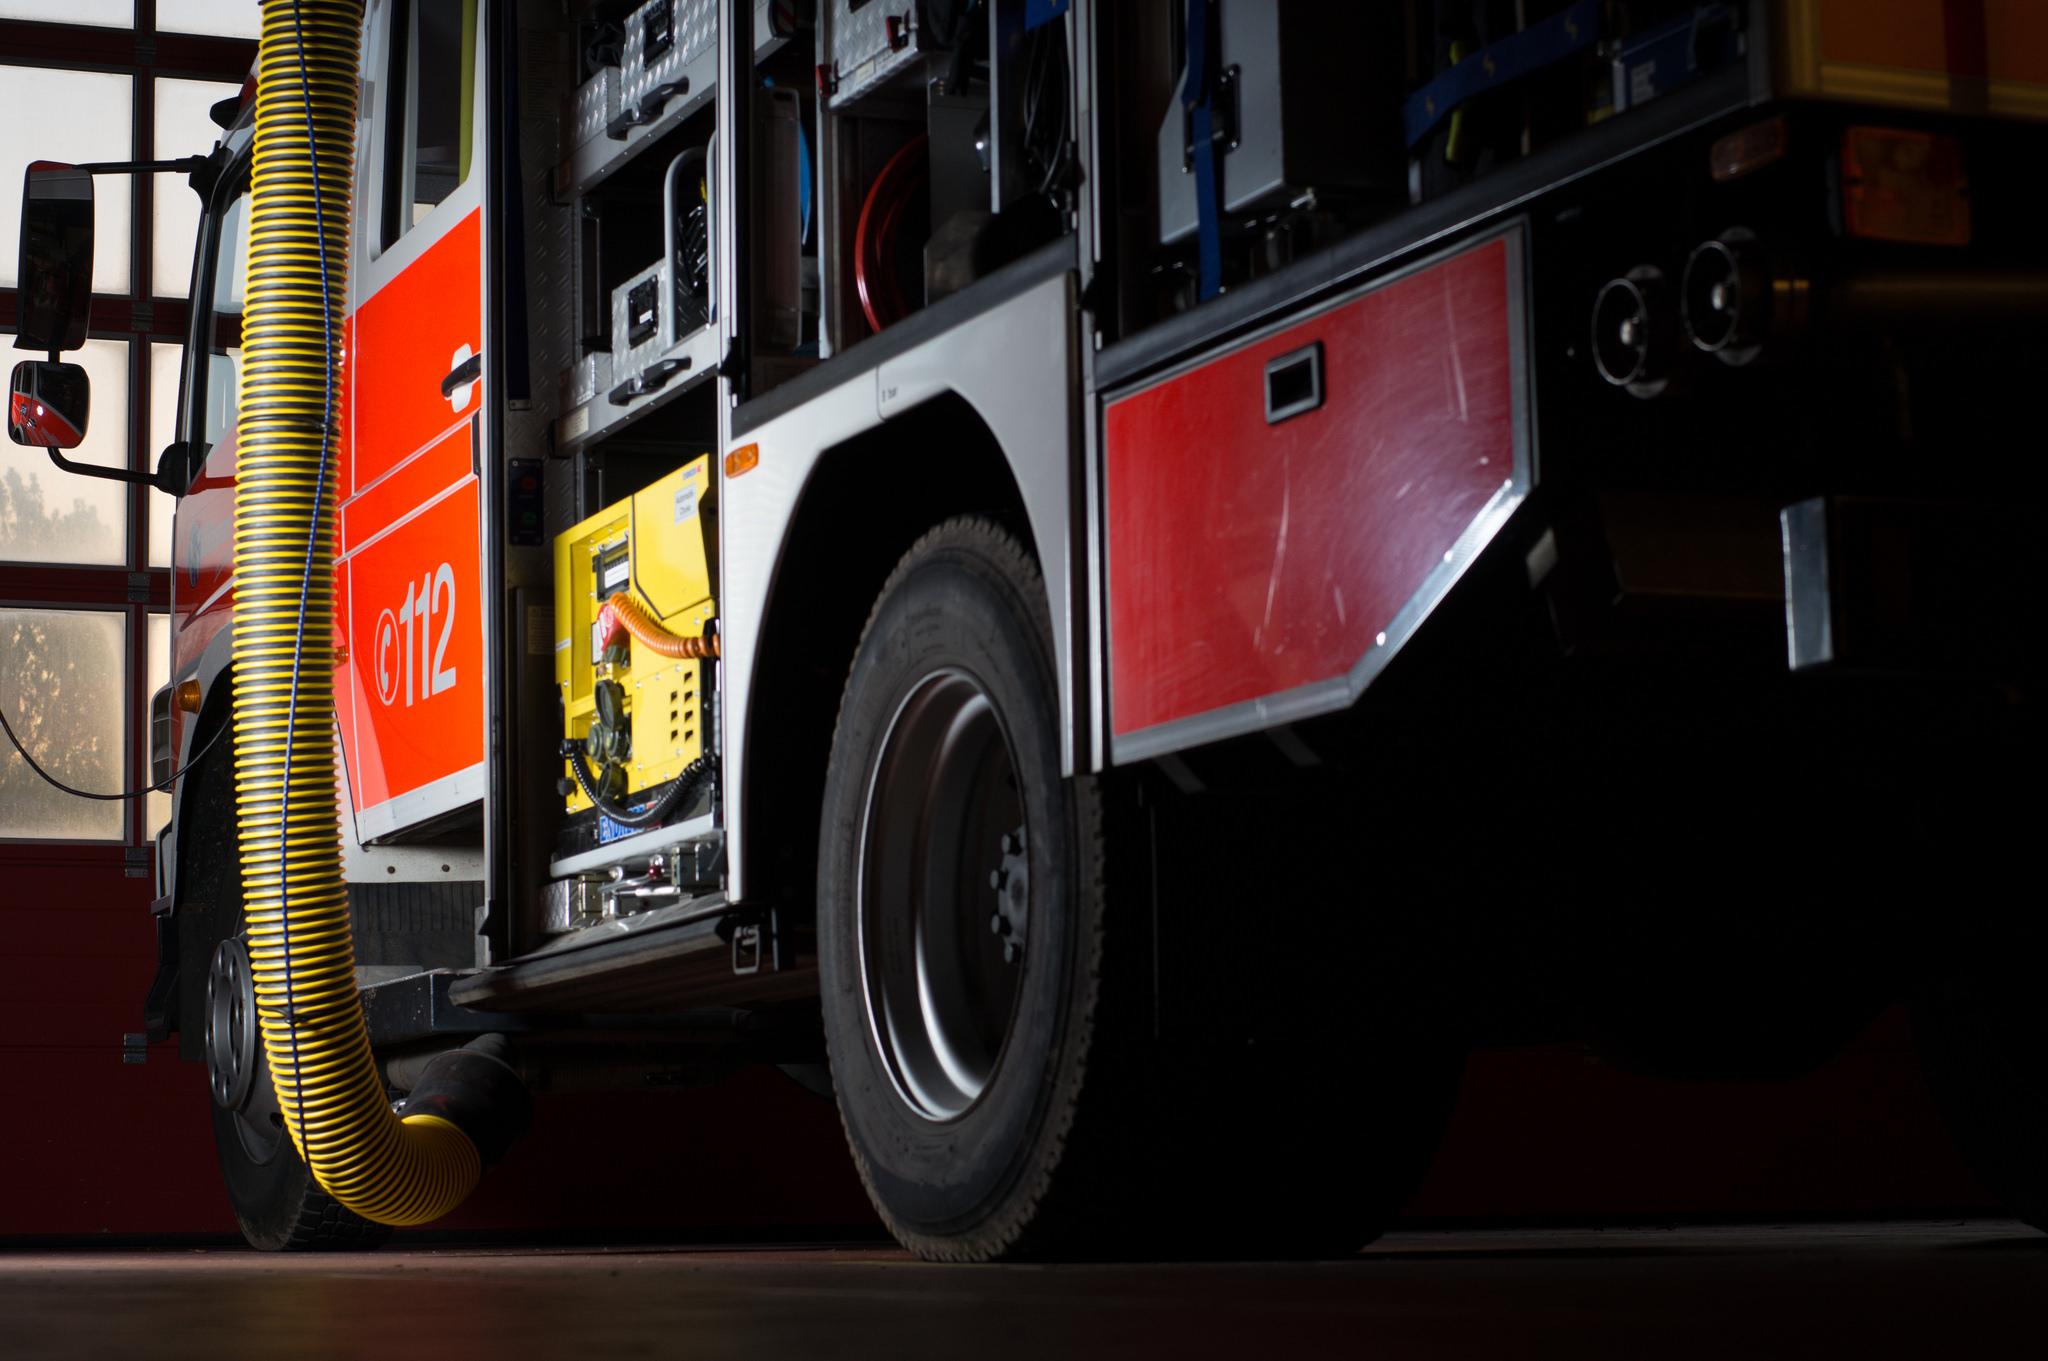 Freiwillige Feuerwehr Norderstedt